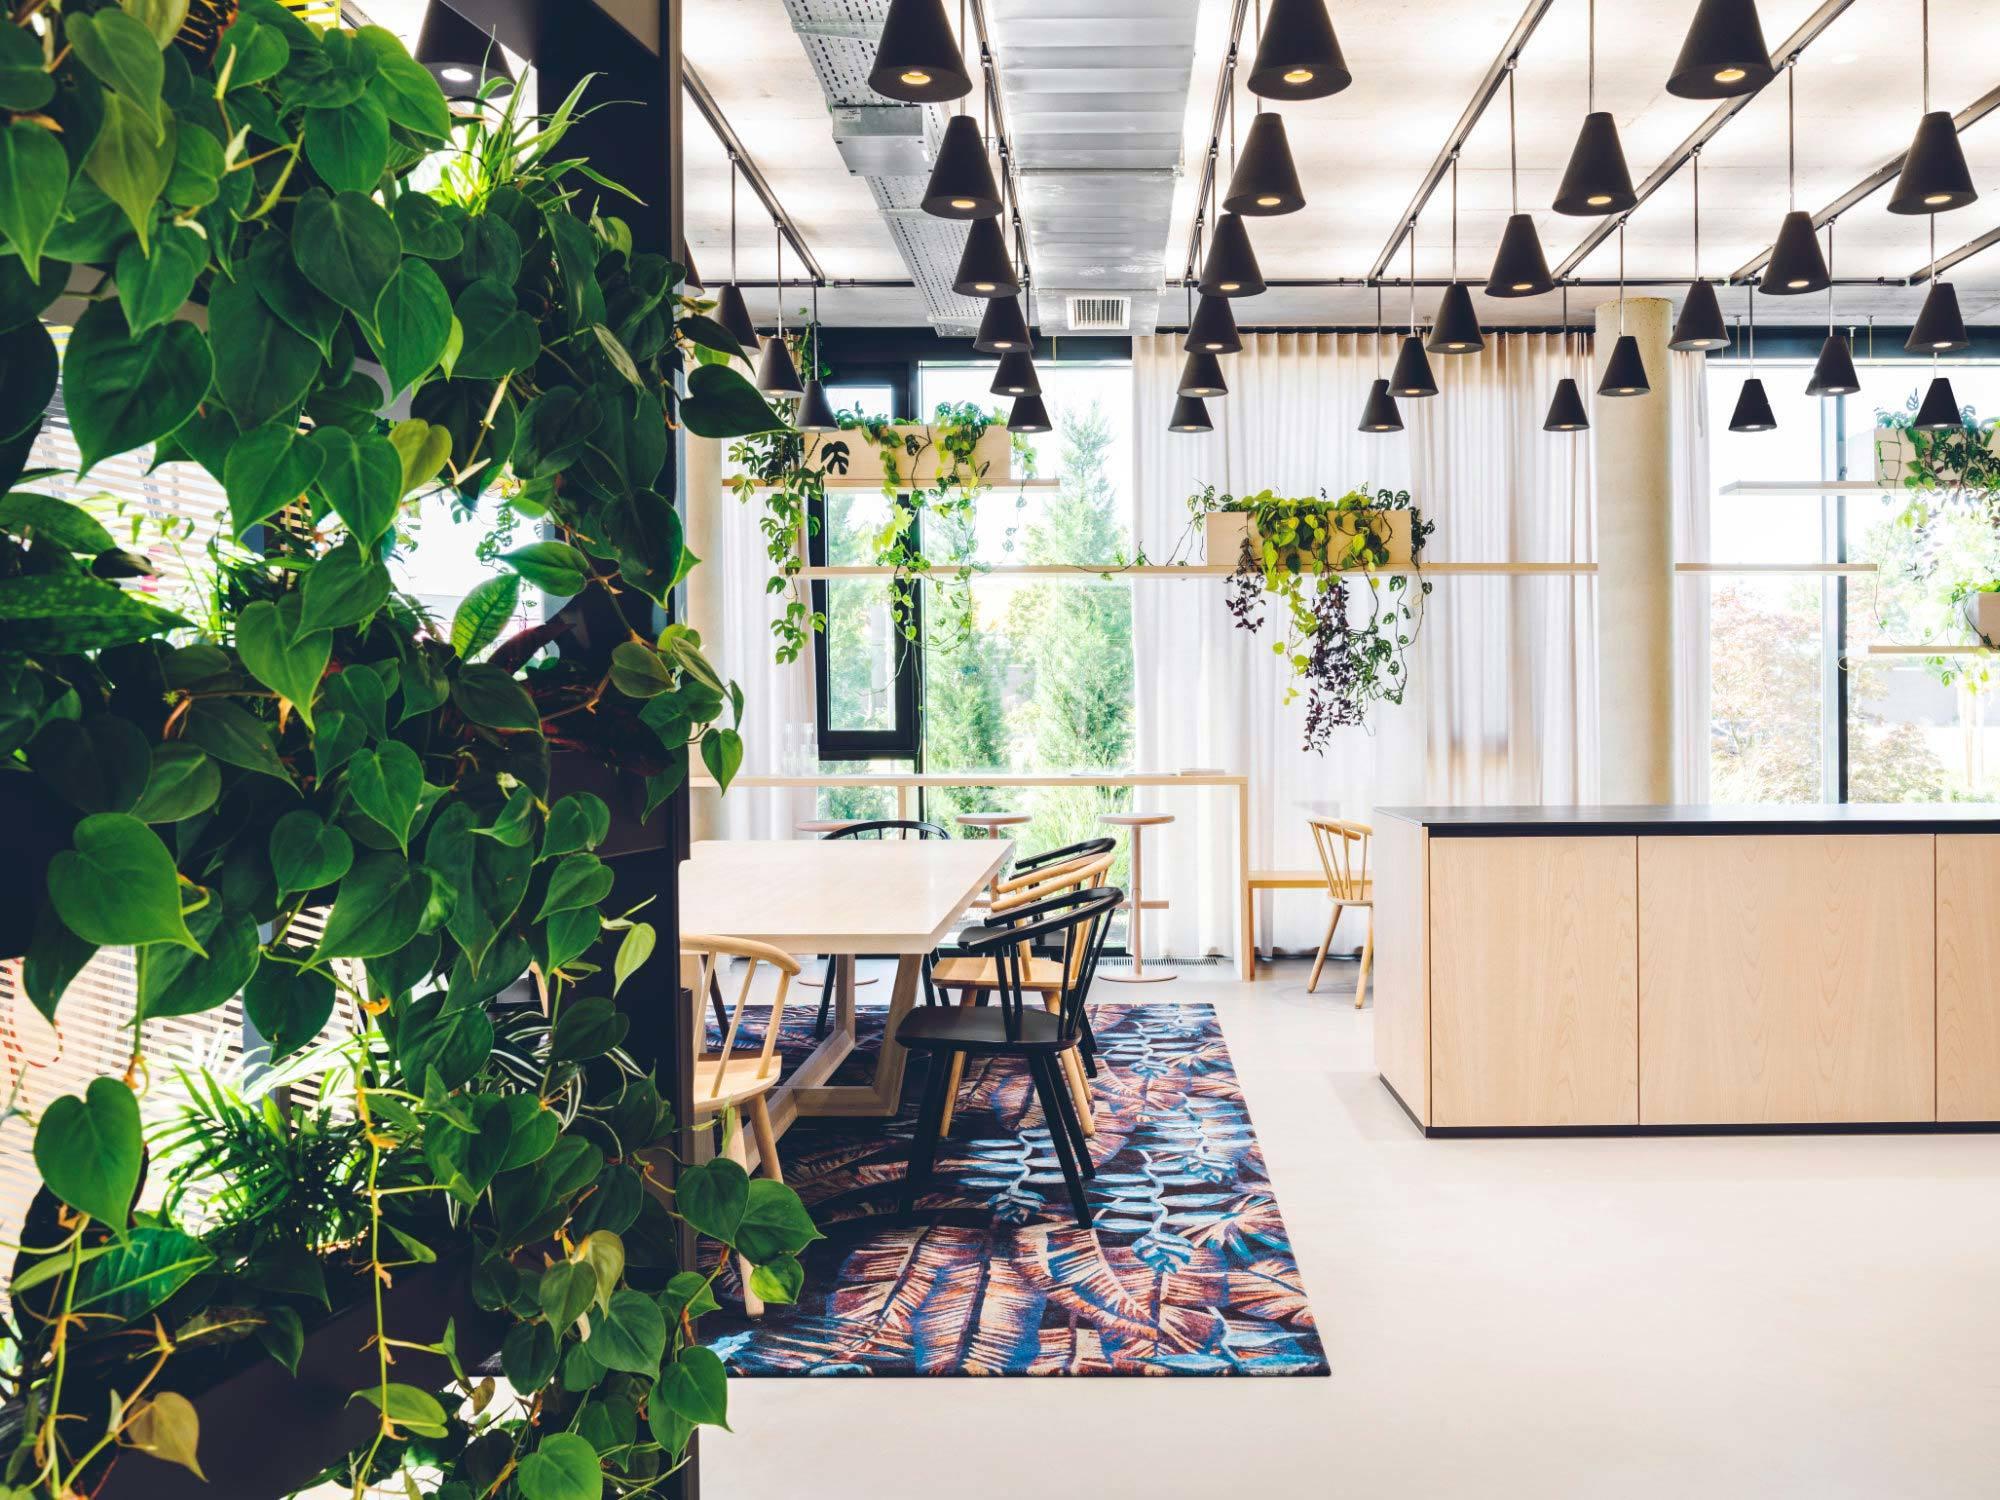 New Working Worlds, Leonhard, 2019, Innenarchitektur: Blocher Partners, Pflanzen: Beiermeister, Foto: Sarah Weiselowski